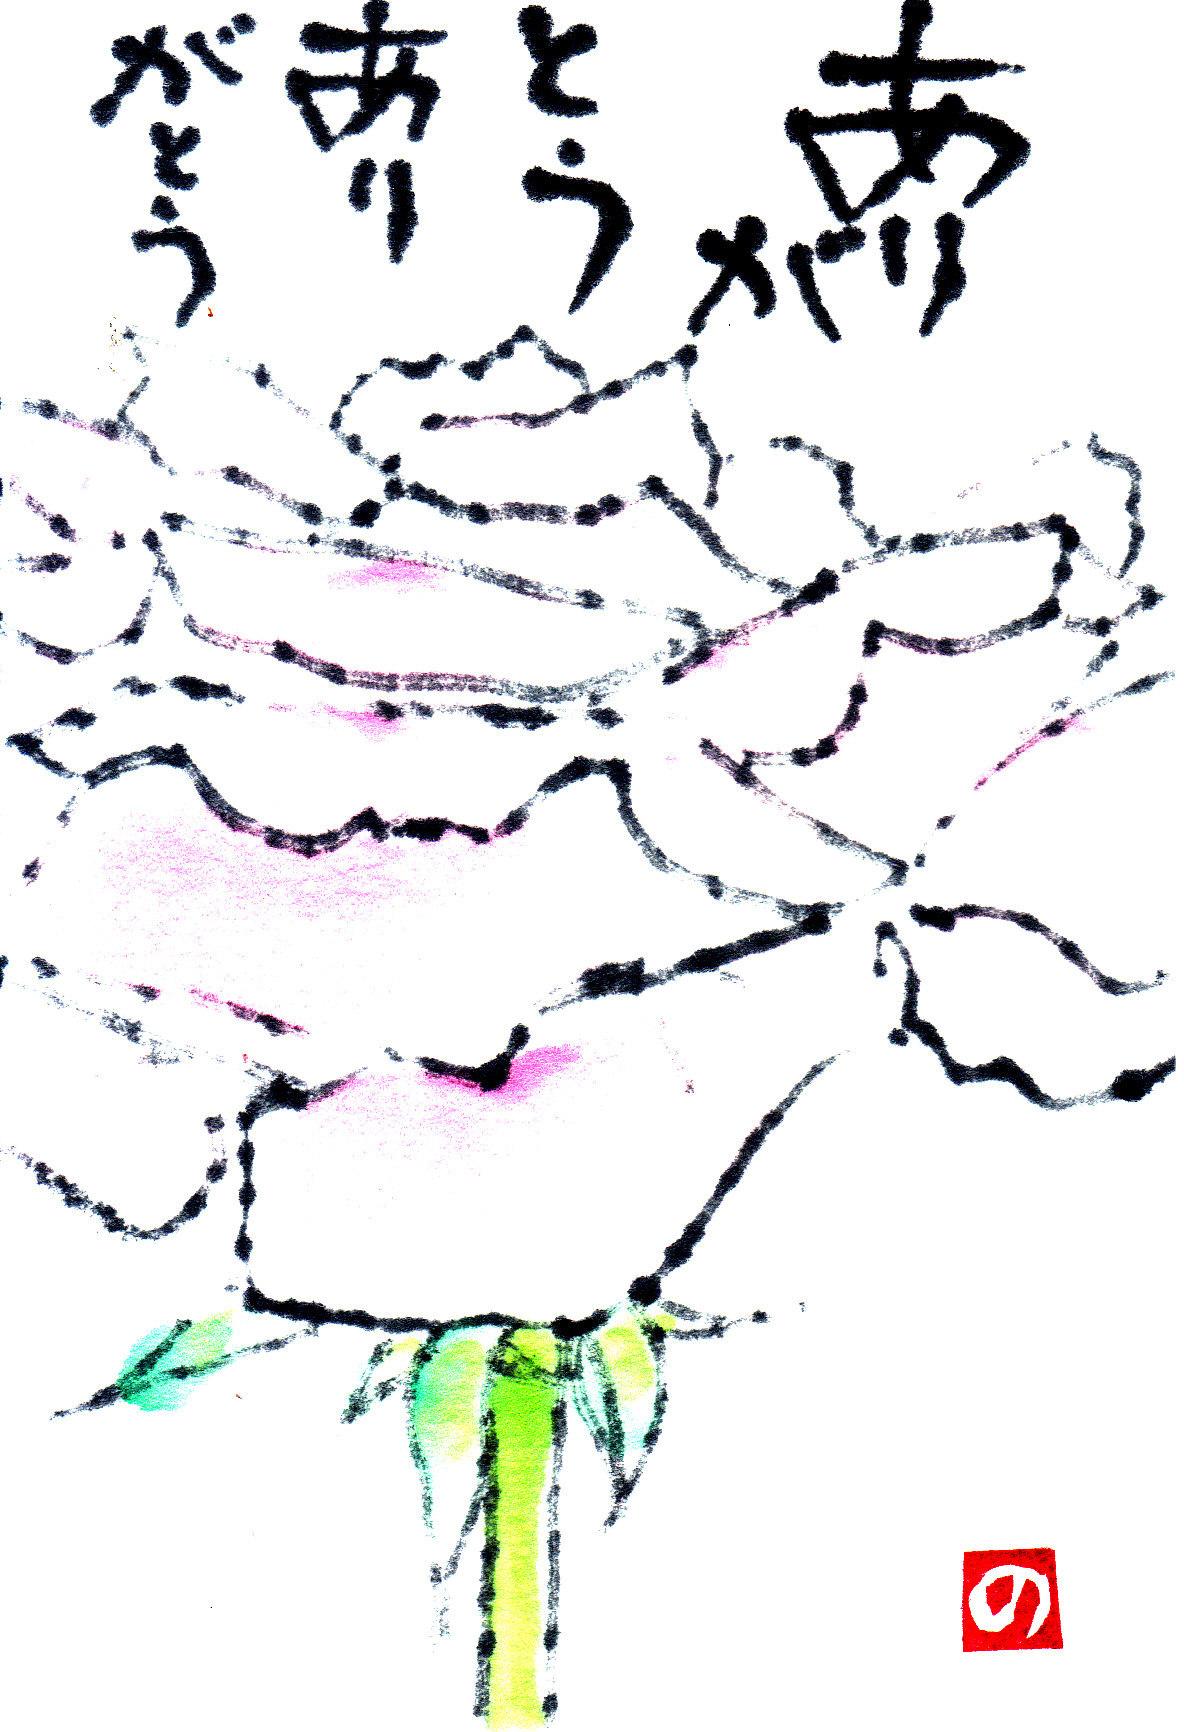 b0335286_07382528.jpg